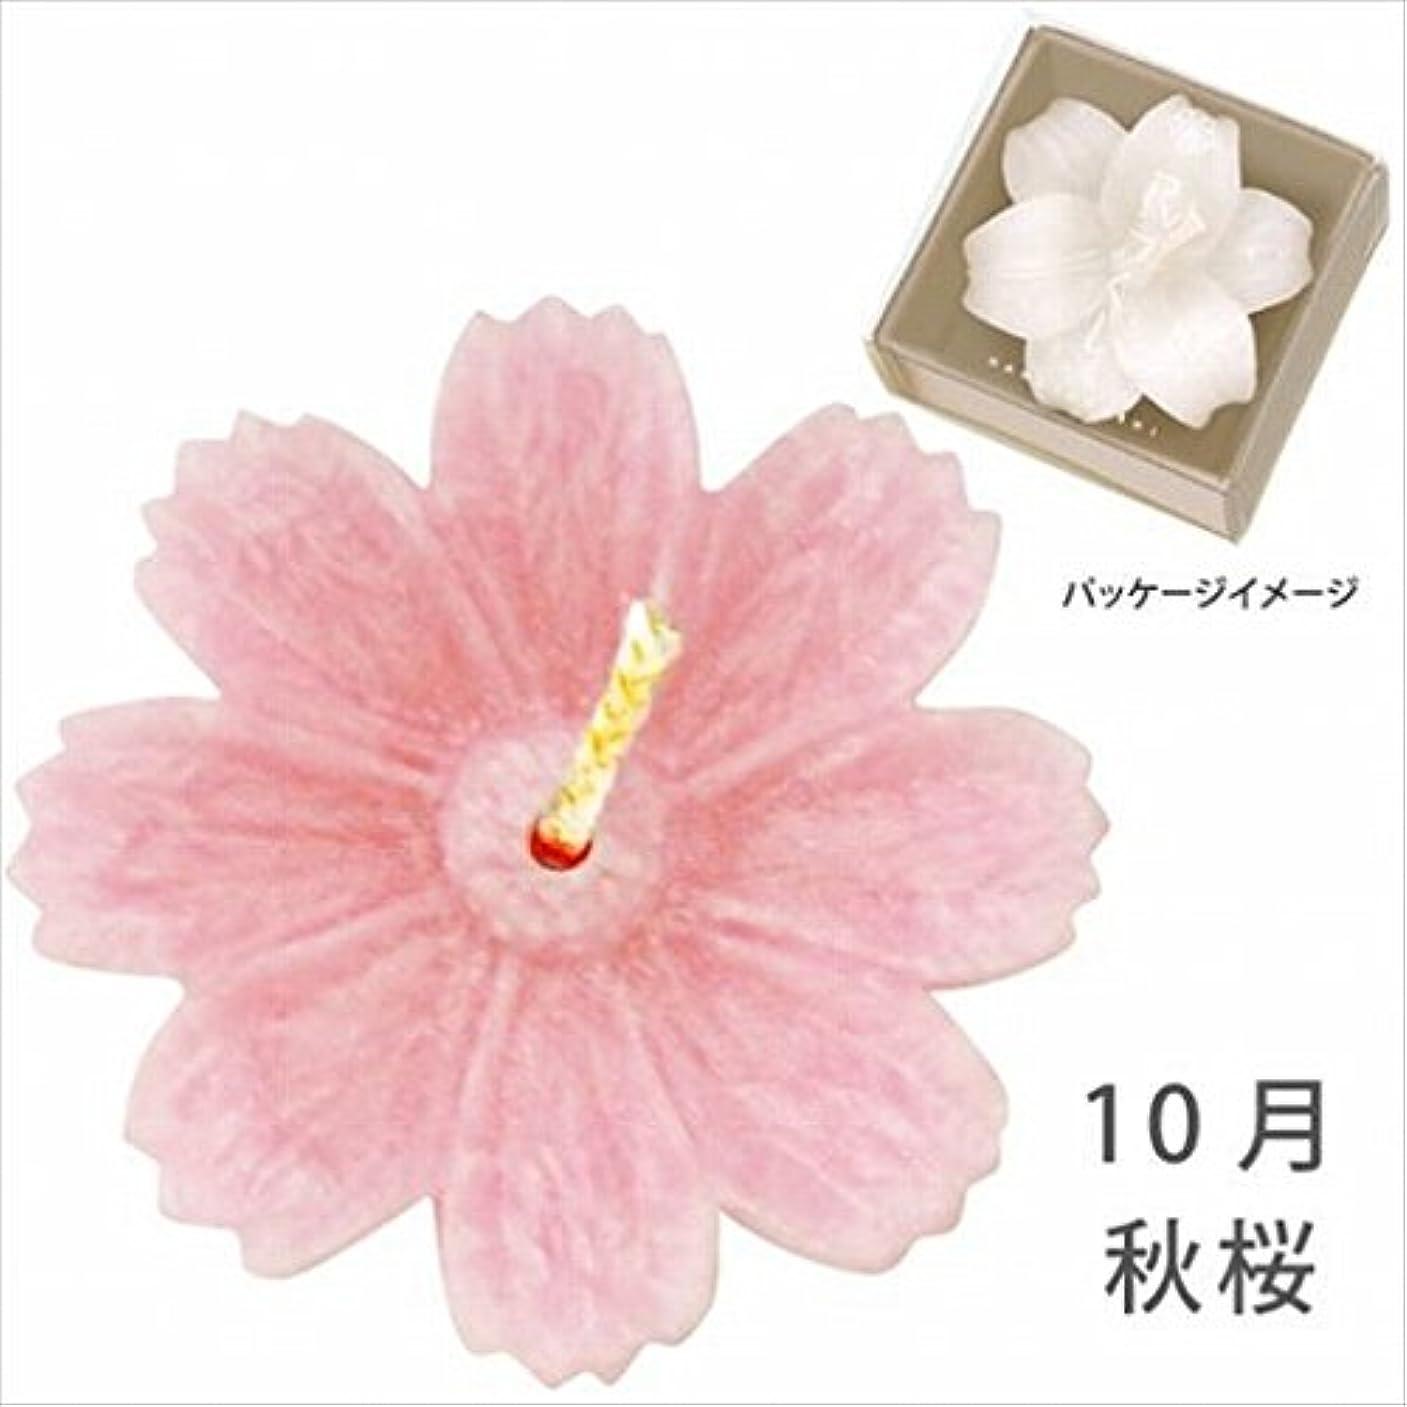 階下魔女紛争カメヤマキャンドル(kameyama candle) 花づくし(植物性) 秋桜 「 秋桜(10月) 」 キャンドル